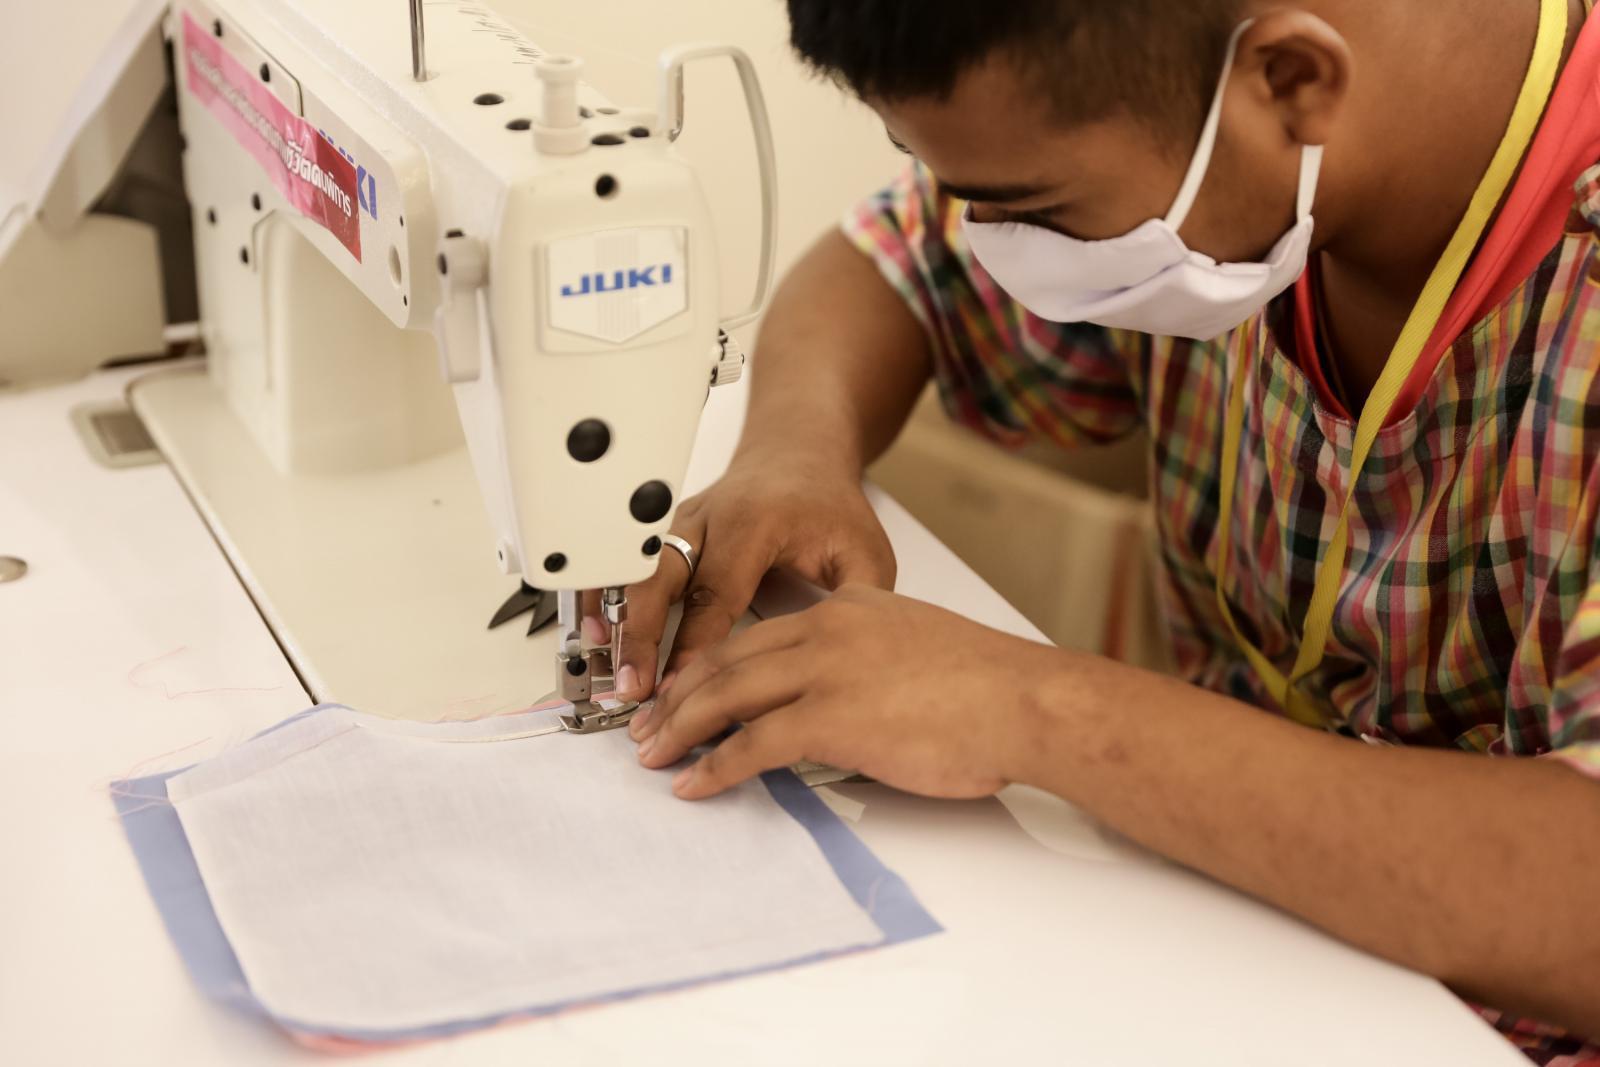 """วันสยาม และไอคอนสยาม ชวนคนไทยร่วมโครงการ""""ไทยช่วยไทย รณรงค์ใช้หน้ากากผ้า"""" ร่วมแรงร่วมใจ ก้าวผ่านวิกฤติการณ์ไปด้วยกัน"""